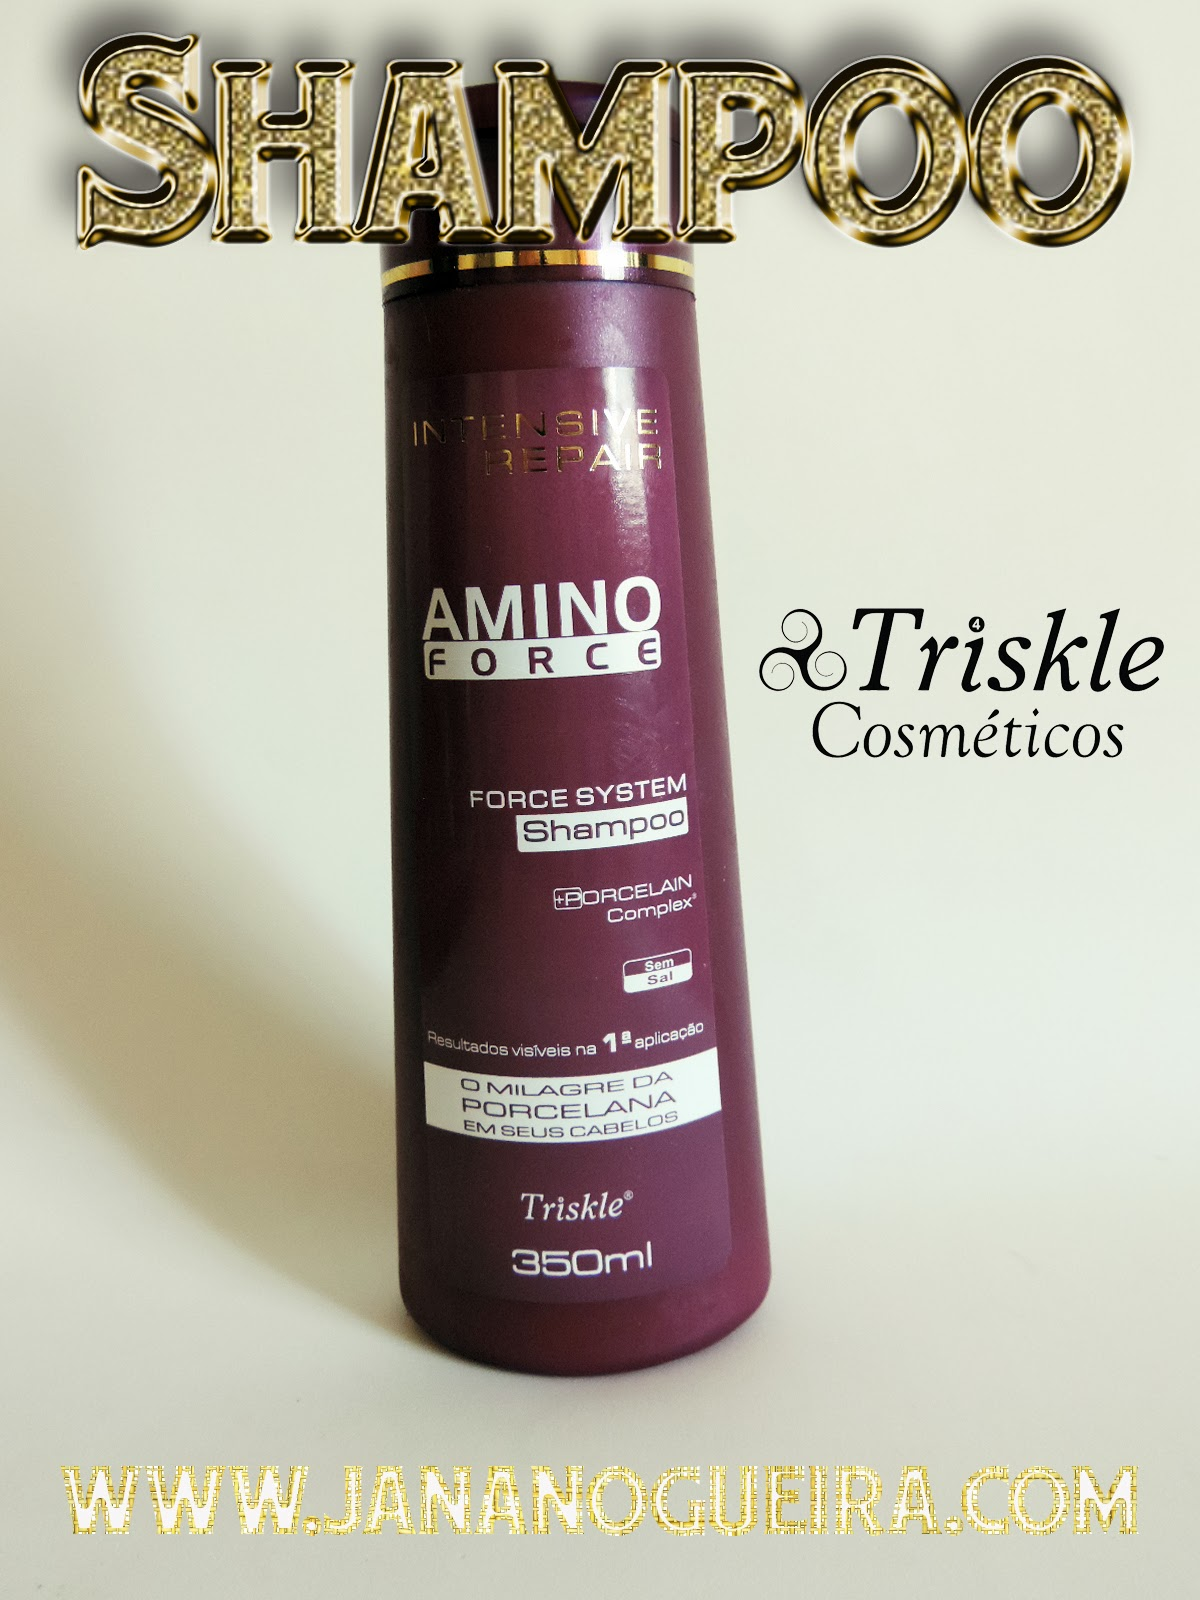 Cabelos fortes e brilhosos - Amino Force - Triskle